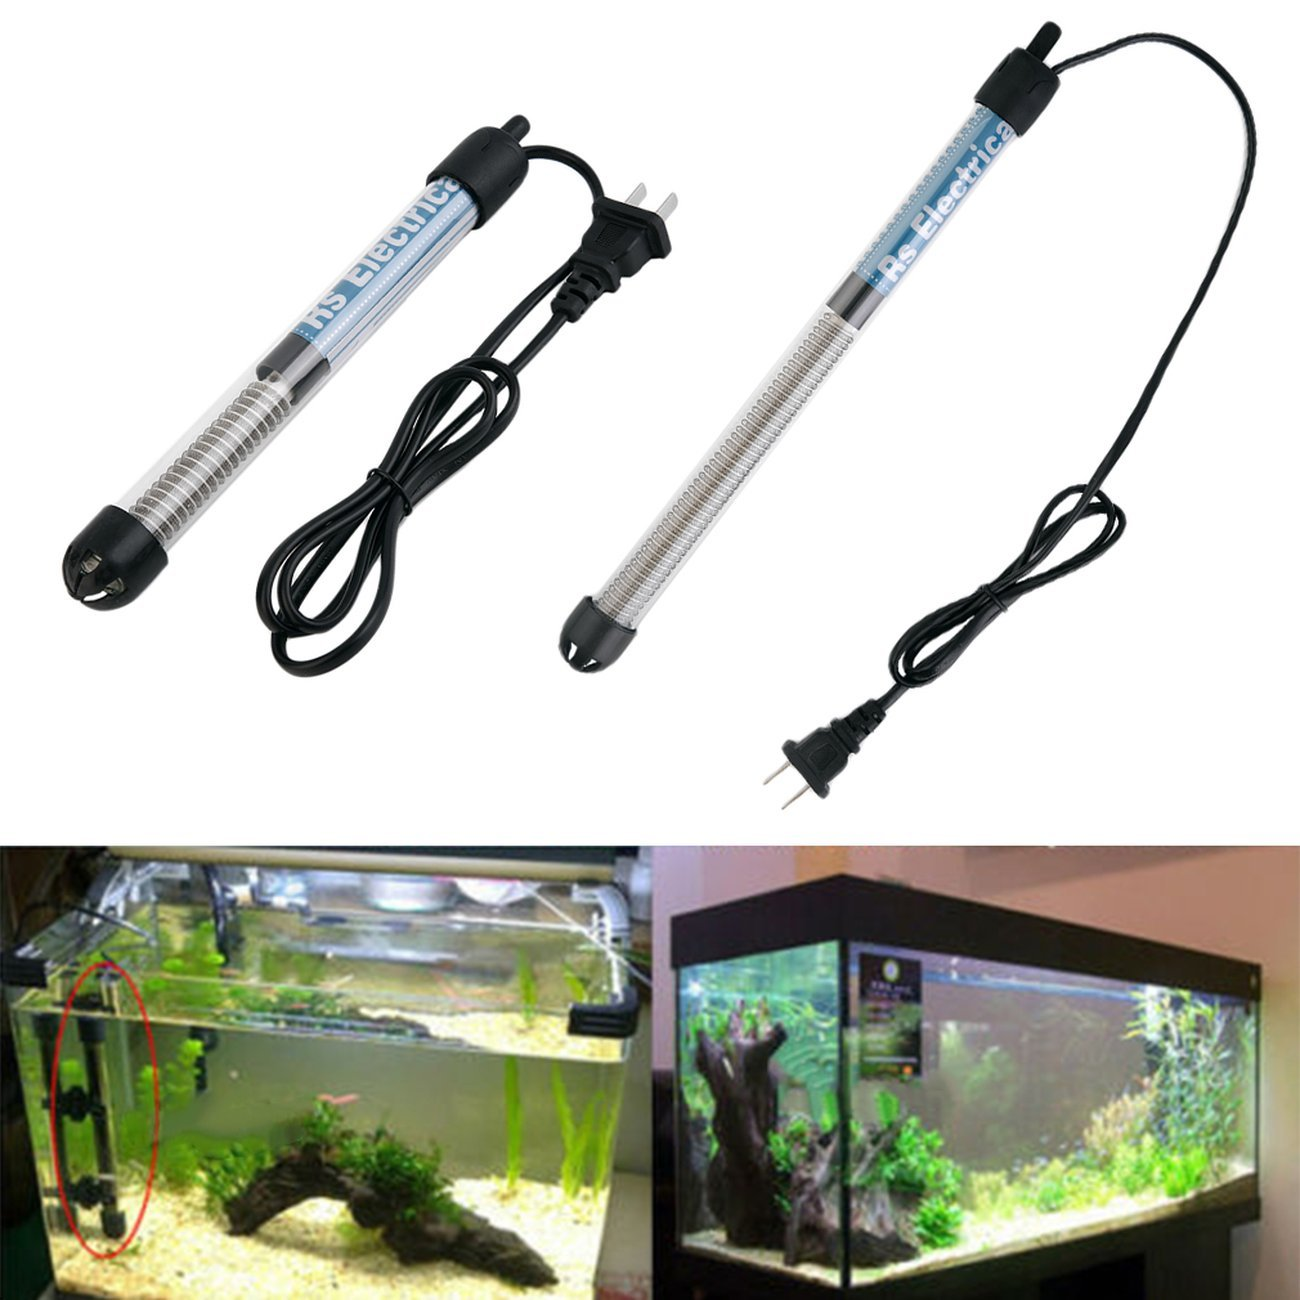 Accessori per acquari Resistente sommergibile Riscaldatore Asta di Riscaldamento per Acquario Vetro Serbatoio di Pesce Regolazione della Temperatura JIO-T Trasparente